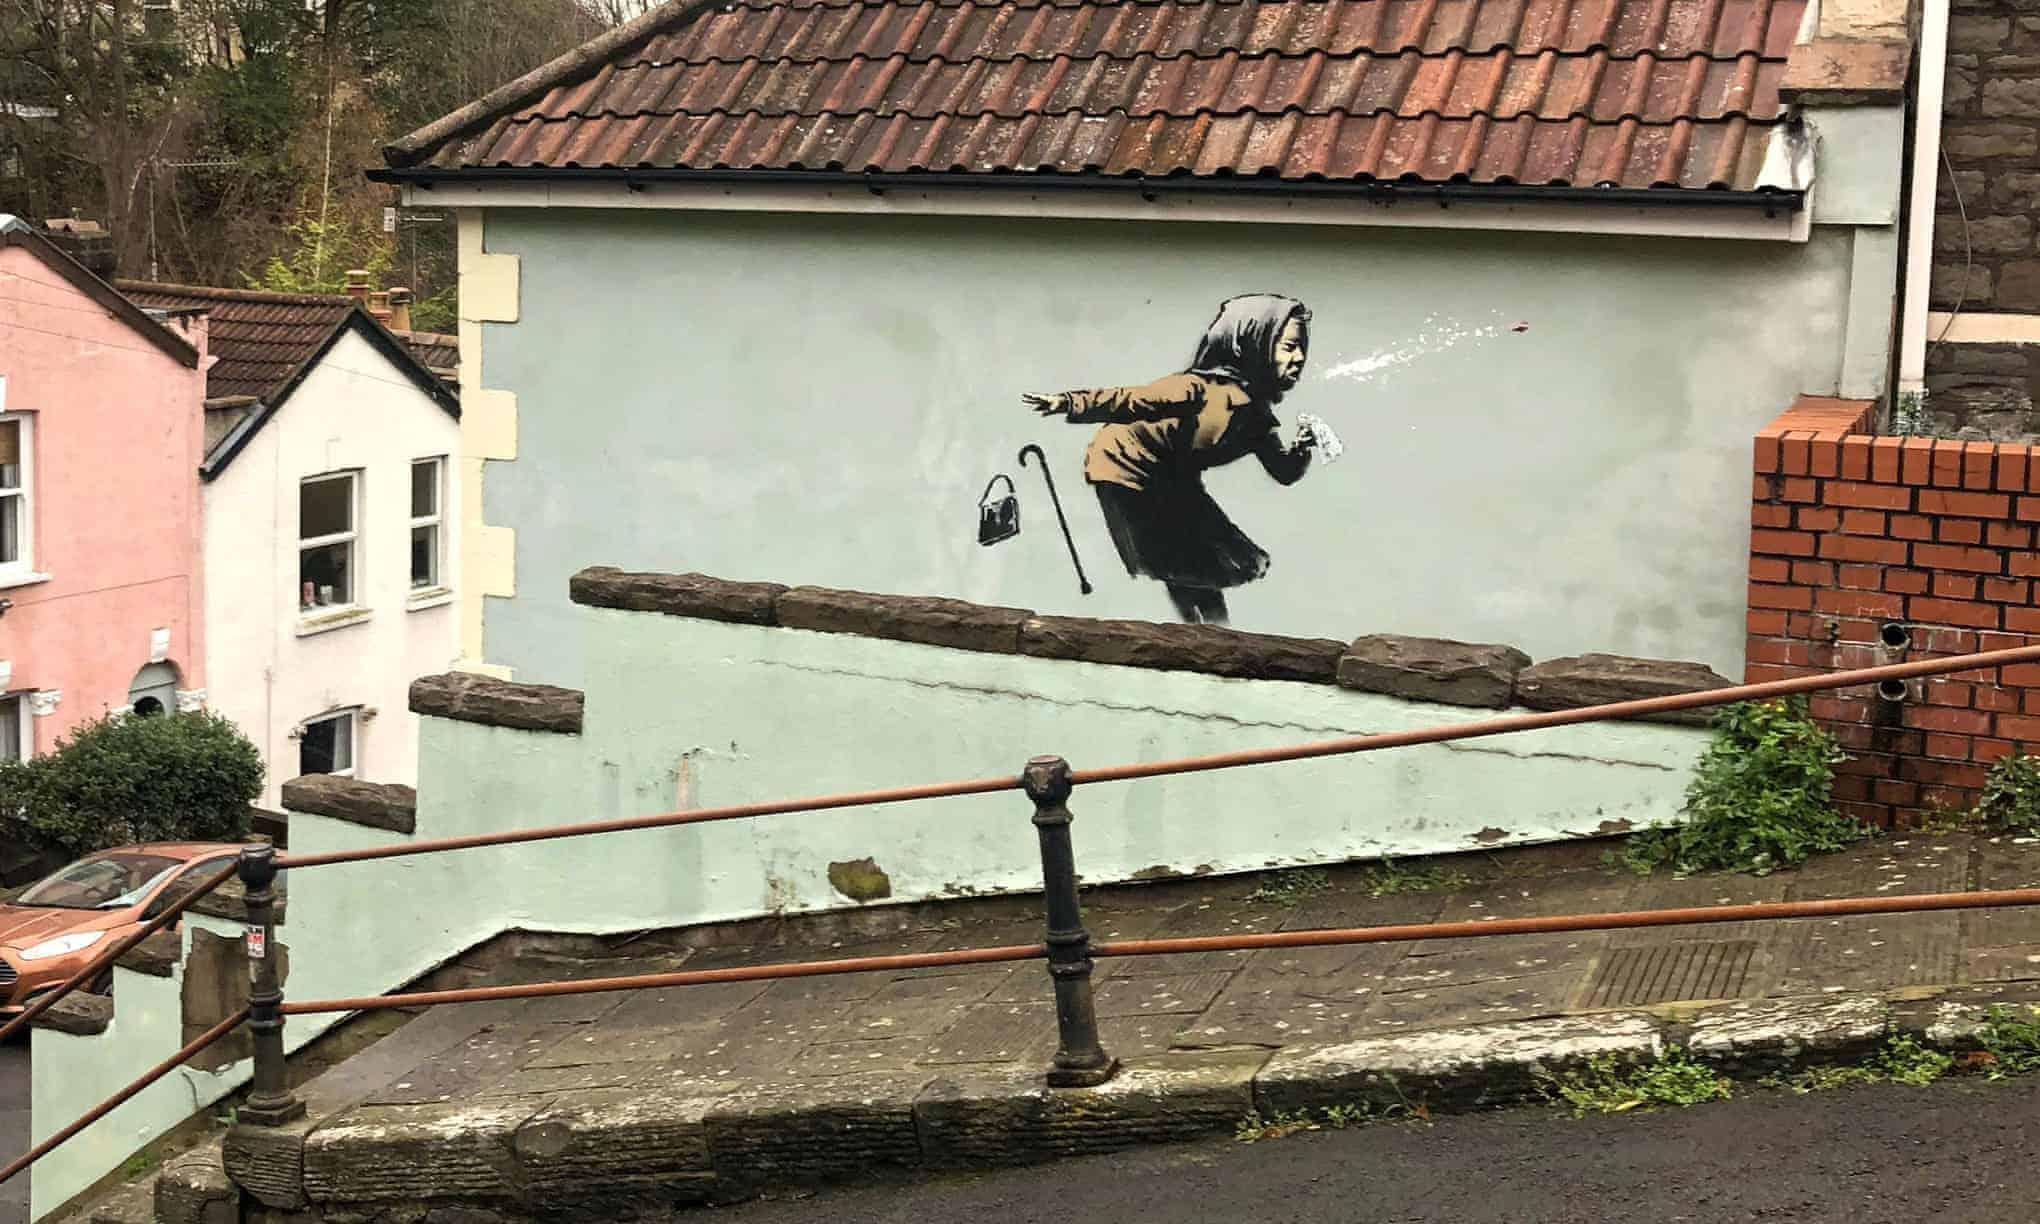 Una nueva obra de Banksy apareció en una pared de Bristol, Inglaterra